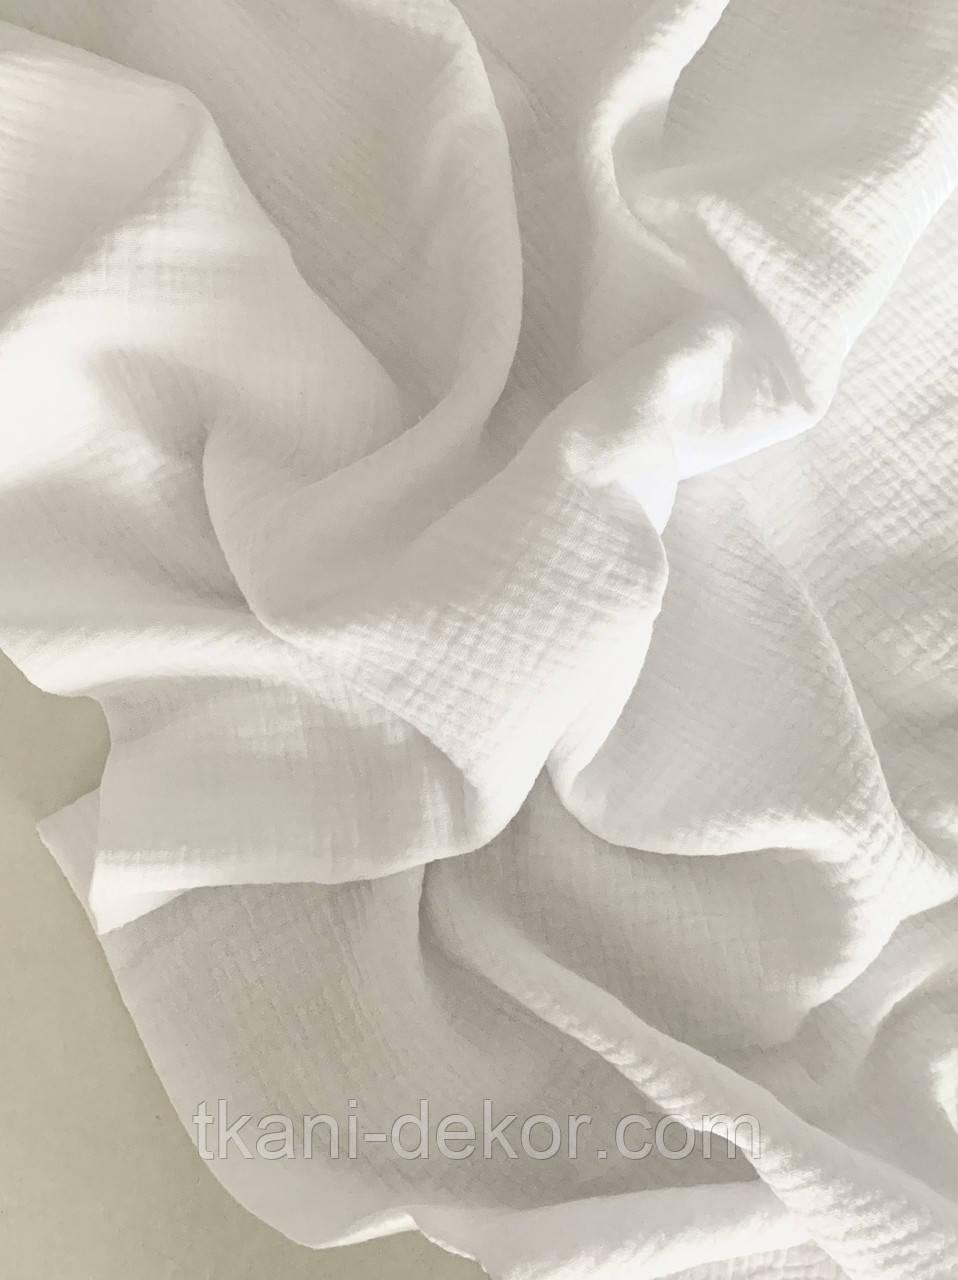 Муслін (бавовняна тканина) жатка білий однотон (ширина 1,35 м) (2)